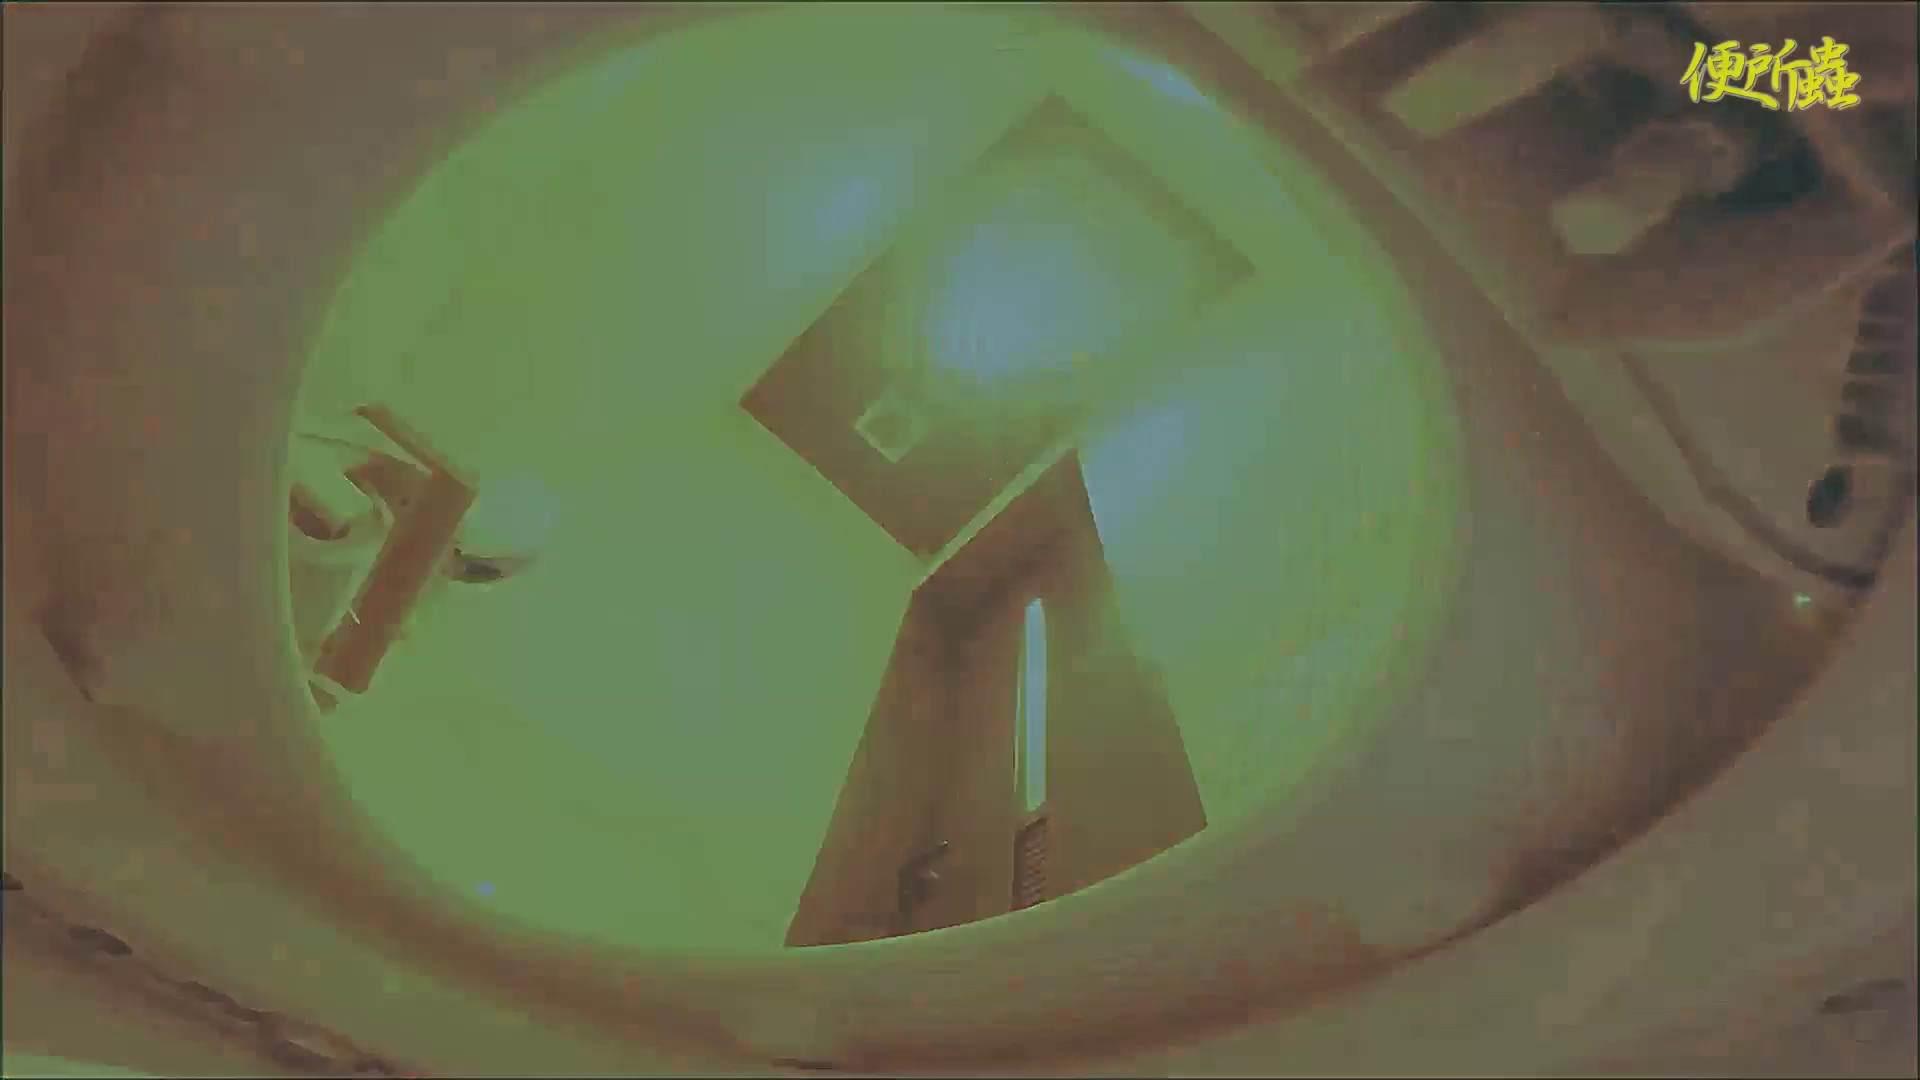 vol.12 便所蟲さんのリターン~寺子屋洗面所盗撮~ 盗撮 盗撮動画紹介 99pic 27